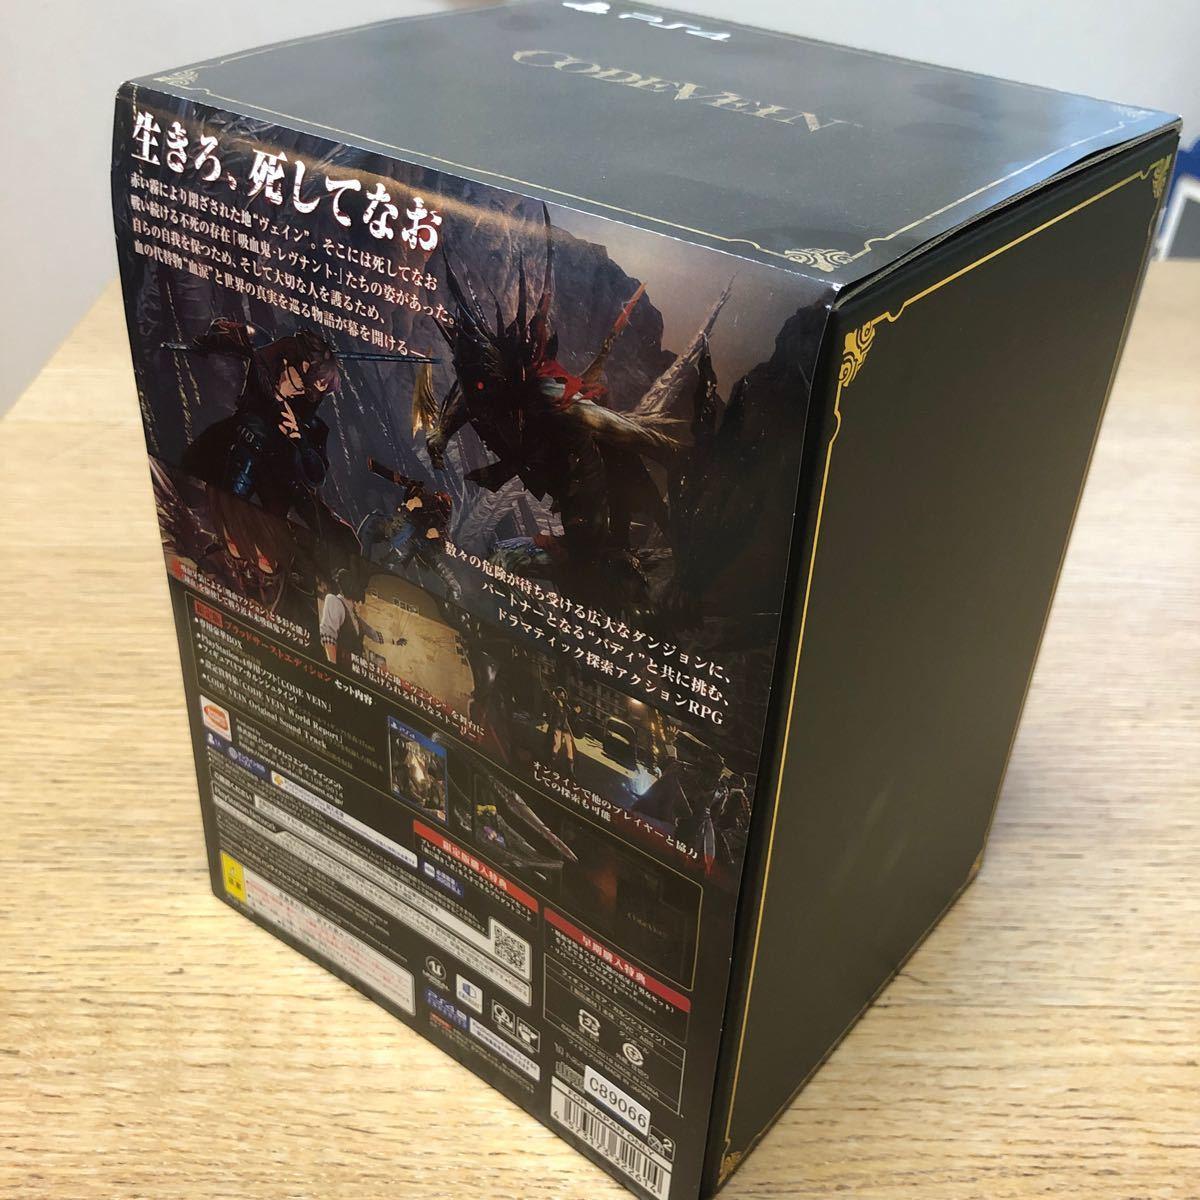 【PS4】 CODE VEIN ブラッドサーストエディション 特典未開封